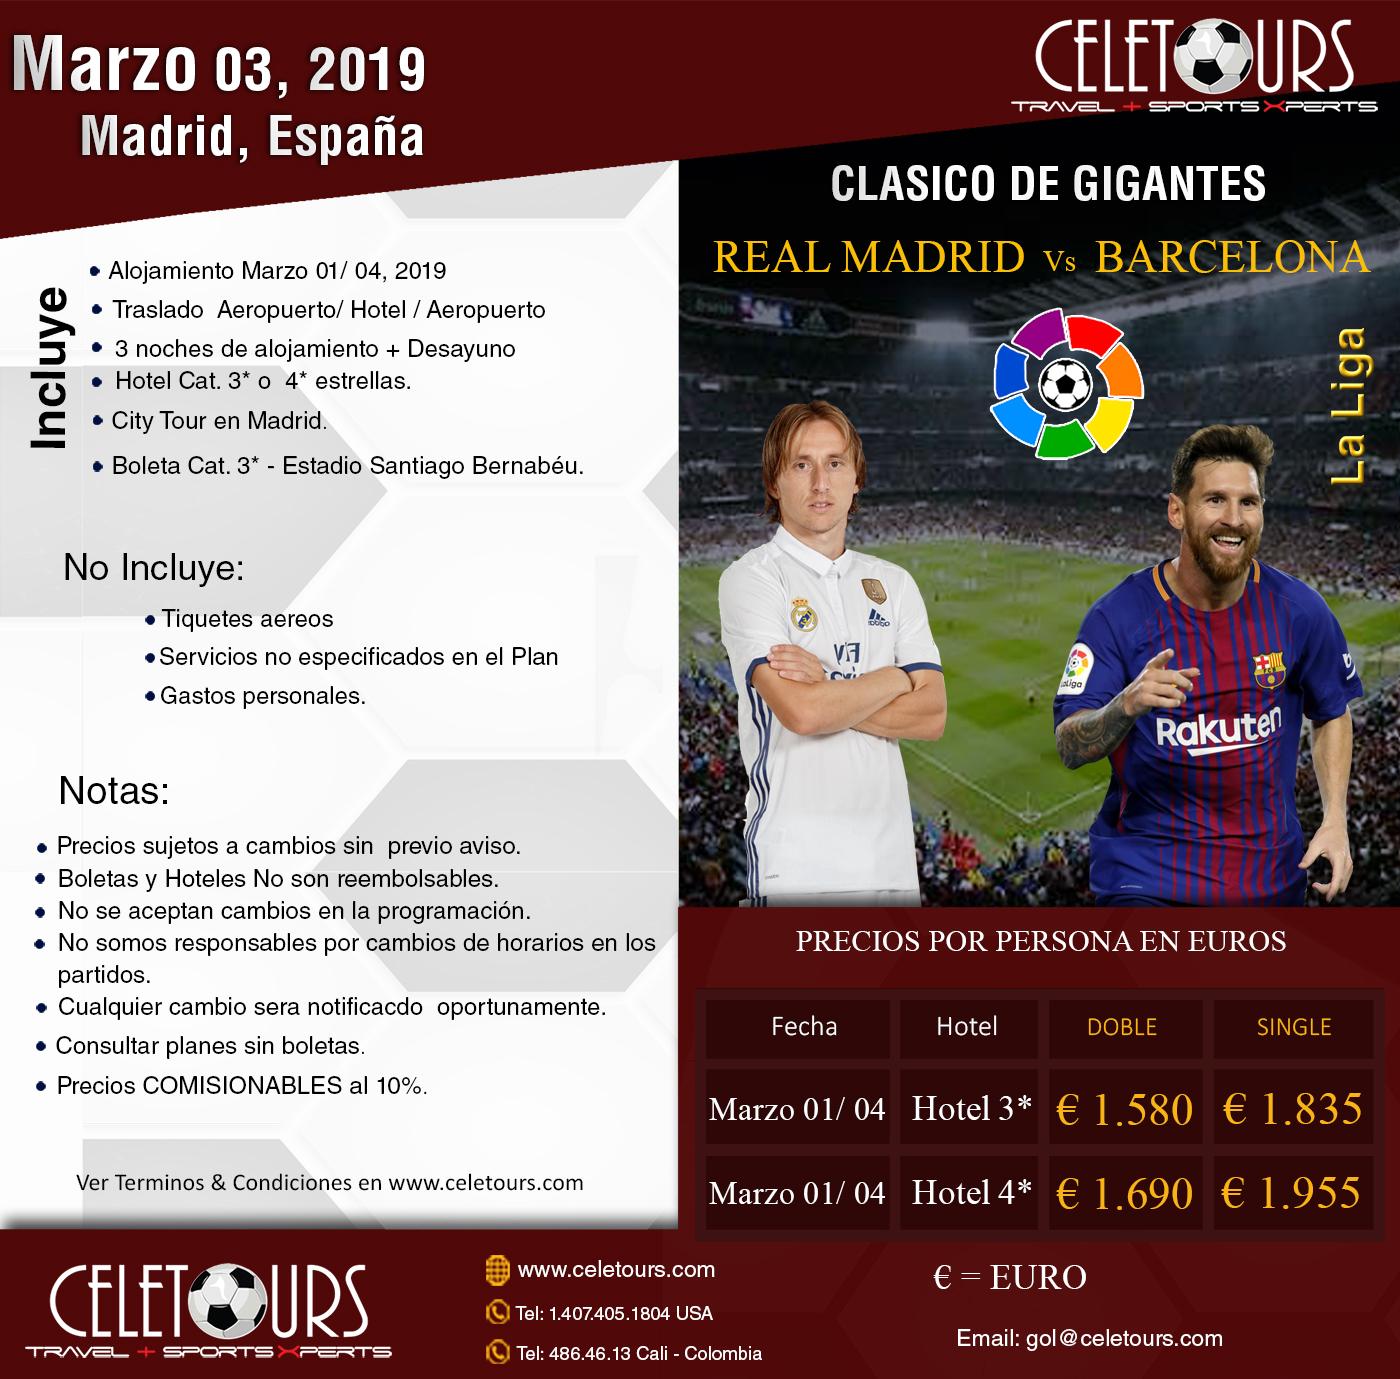 La Pulga De Las Vegas >> Real Madrid vs Barcelona Marzo 2019 - Celetours